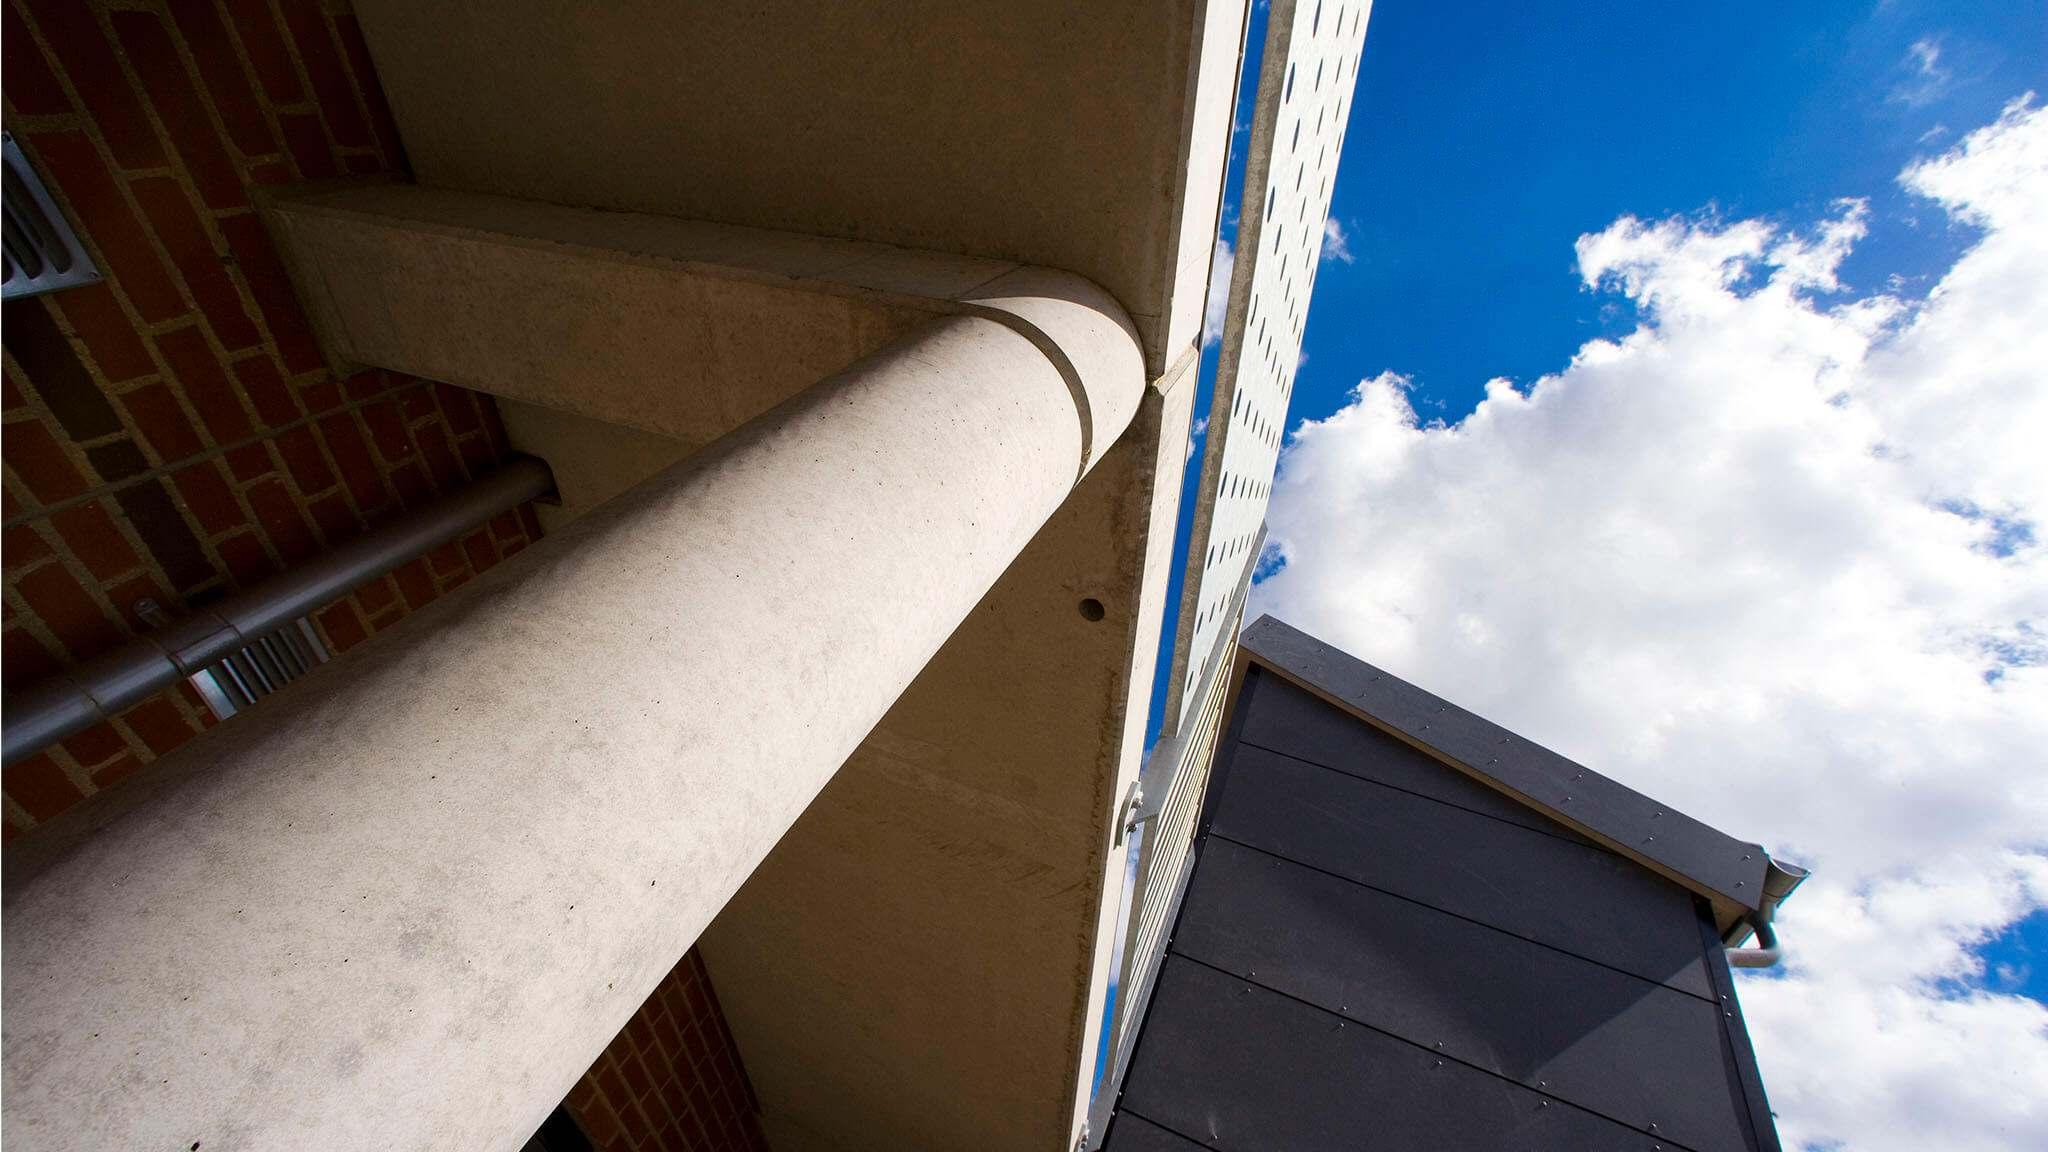 745107_s°jle-med-bjµlke-og-balkonelement-kjellerup